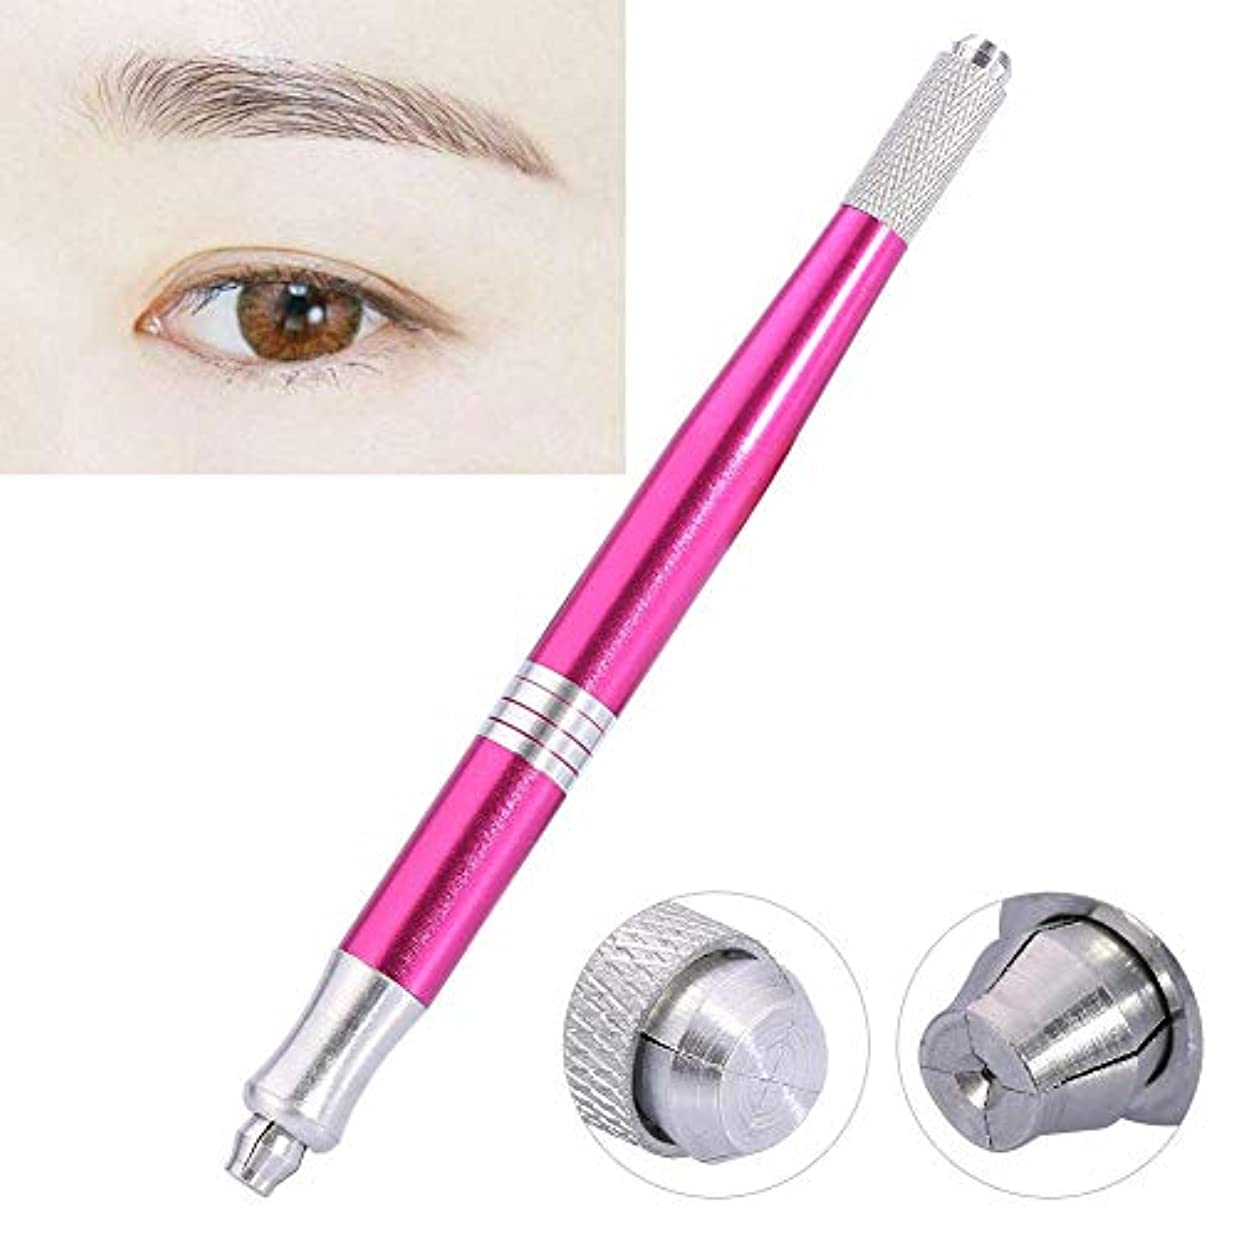 励起相対サイズステッチタトゥーペン - 眉毛タトゥーペンマニュアルマイクロブレードペンアイライナーリップ、手刺繍アイブロウペンシル - ウォーターフォグの眉毛を作成します